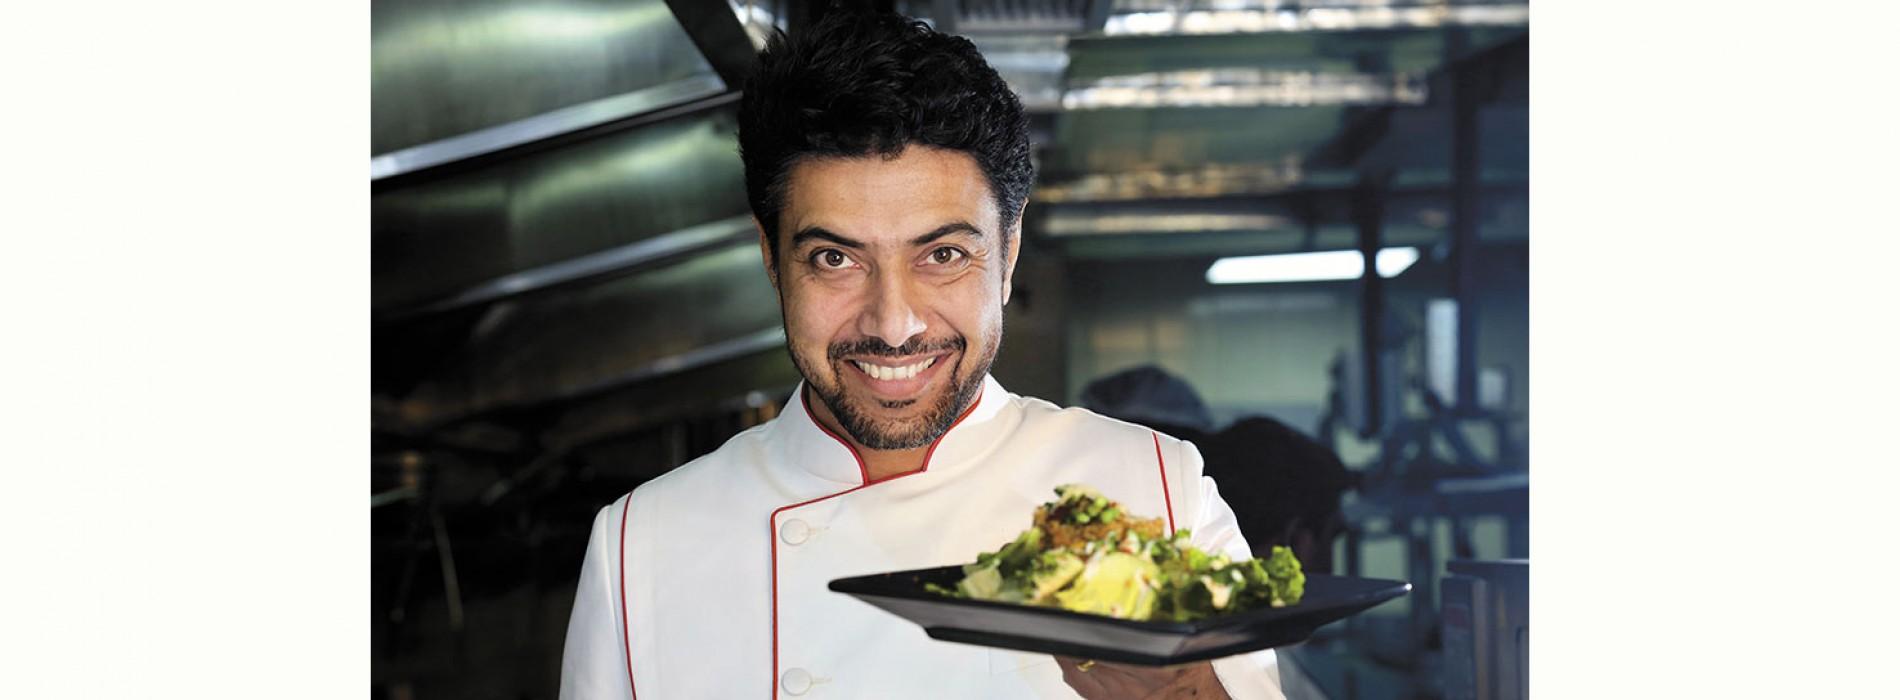 TIRUN brings onboard renowned Indian Chef Ranveer Brar